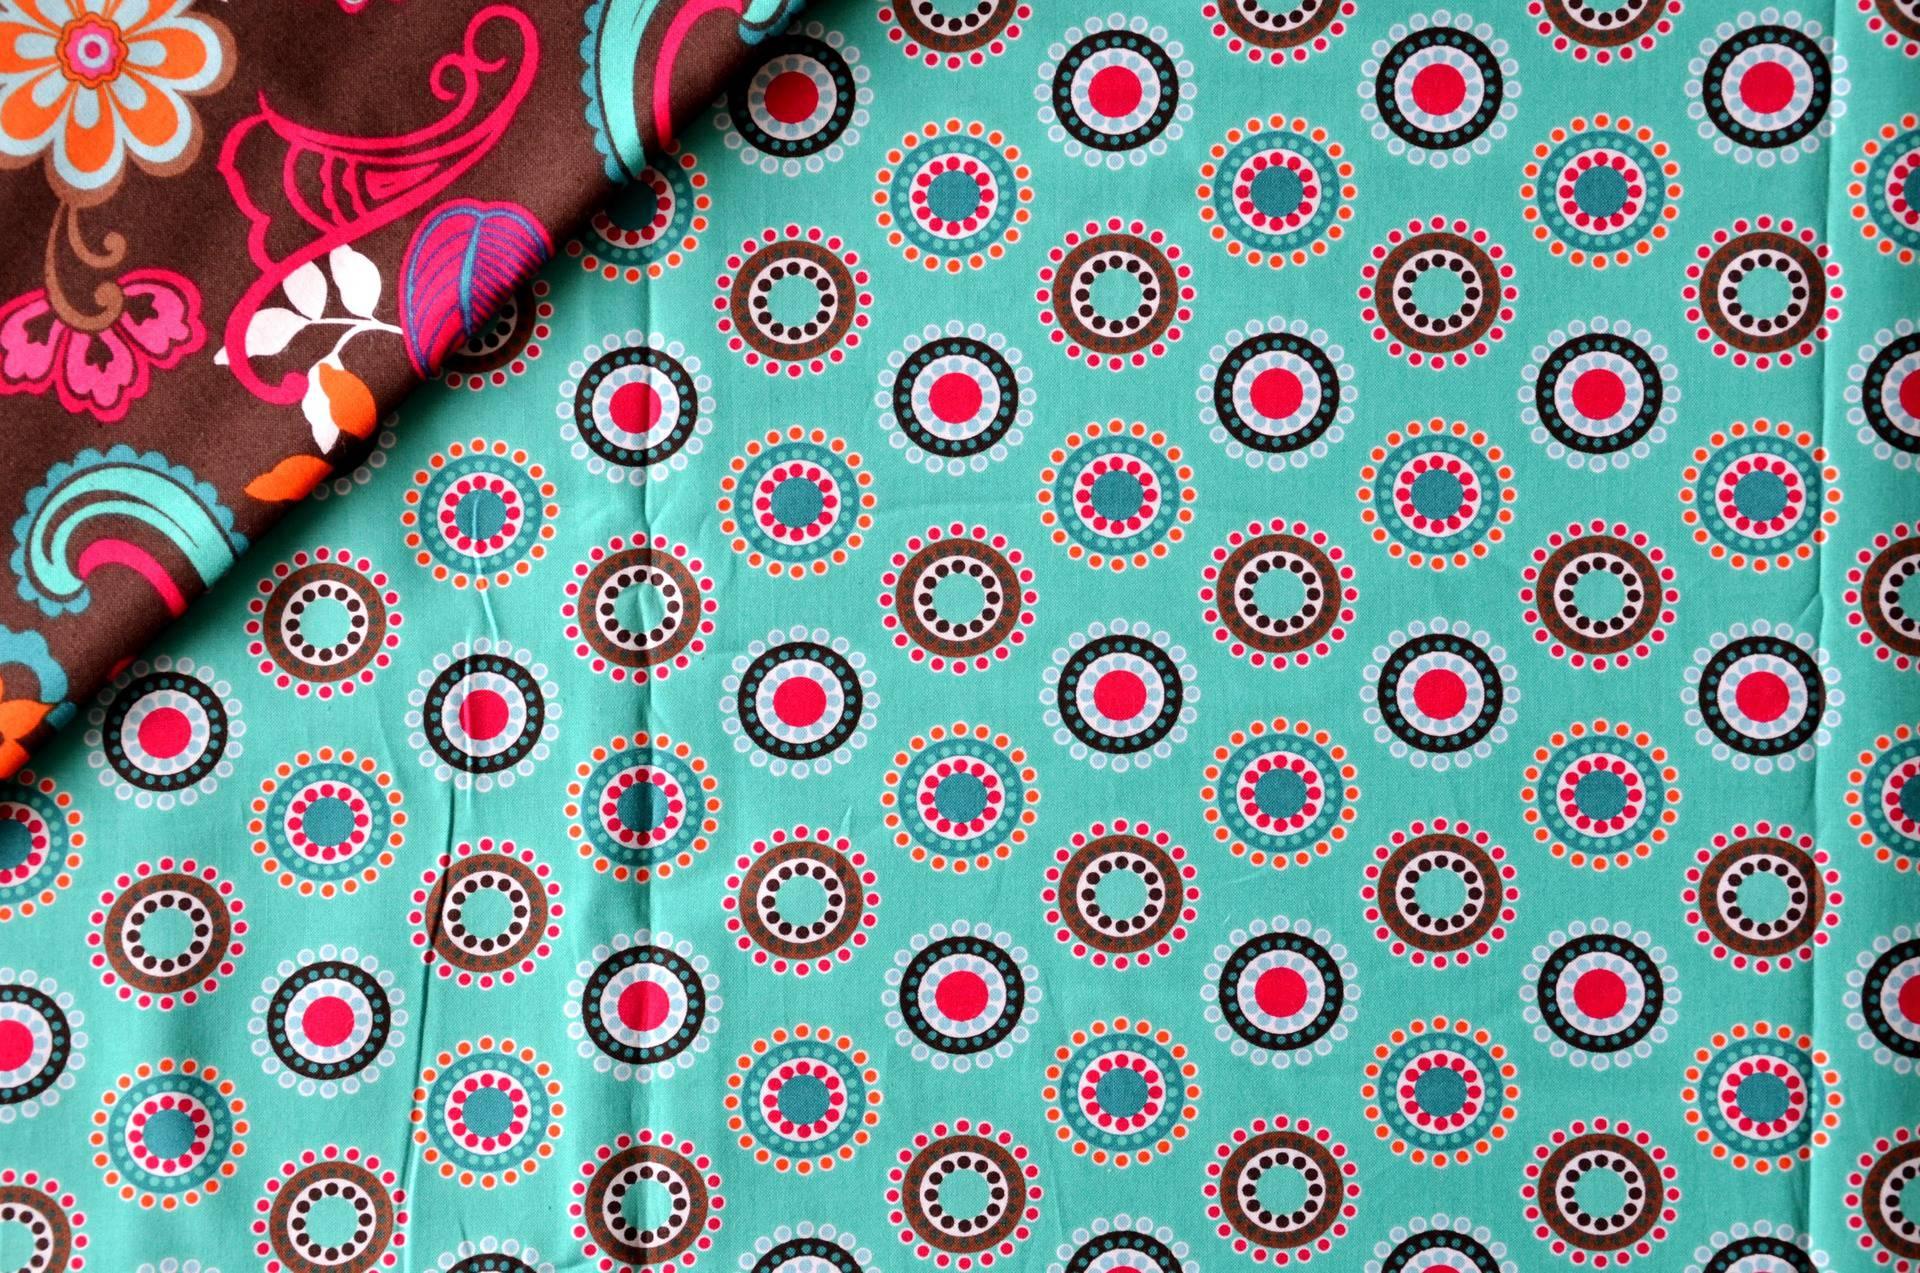 """Tissus en coton motif """"GEOMETRIQUE ARABESQUE"""" - VERA BRADLEY chocolat-turquoise-rose"""